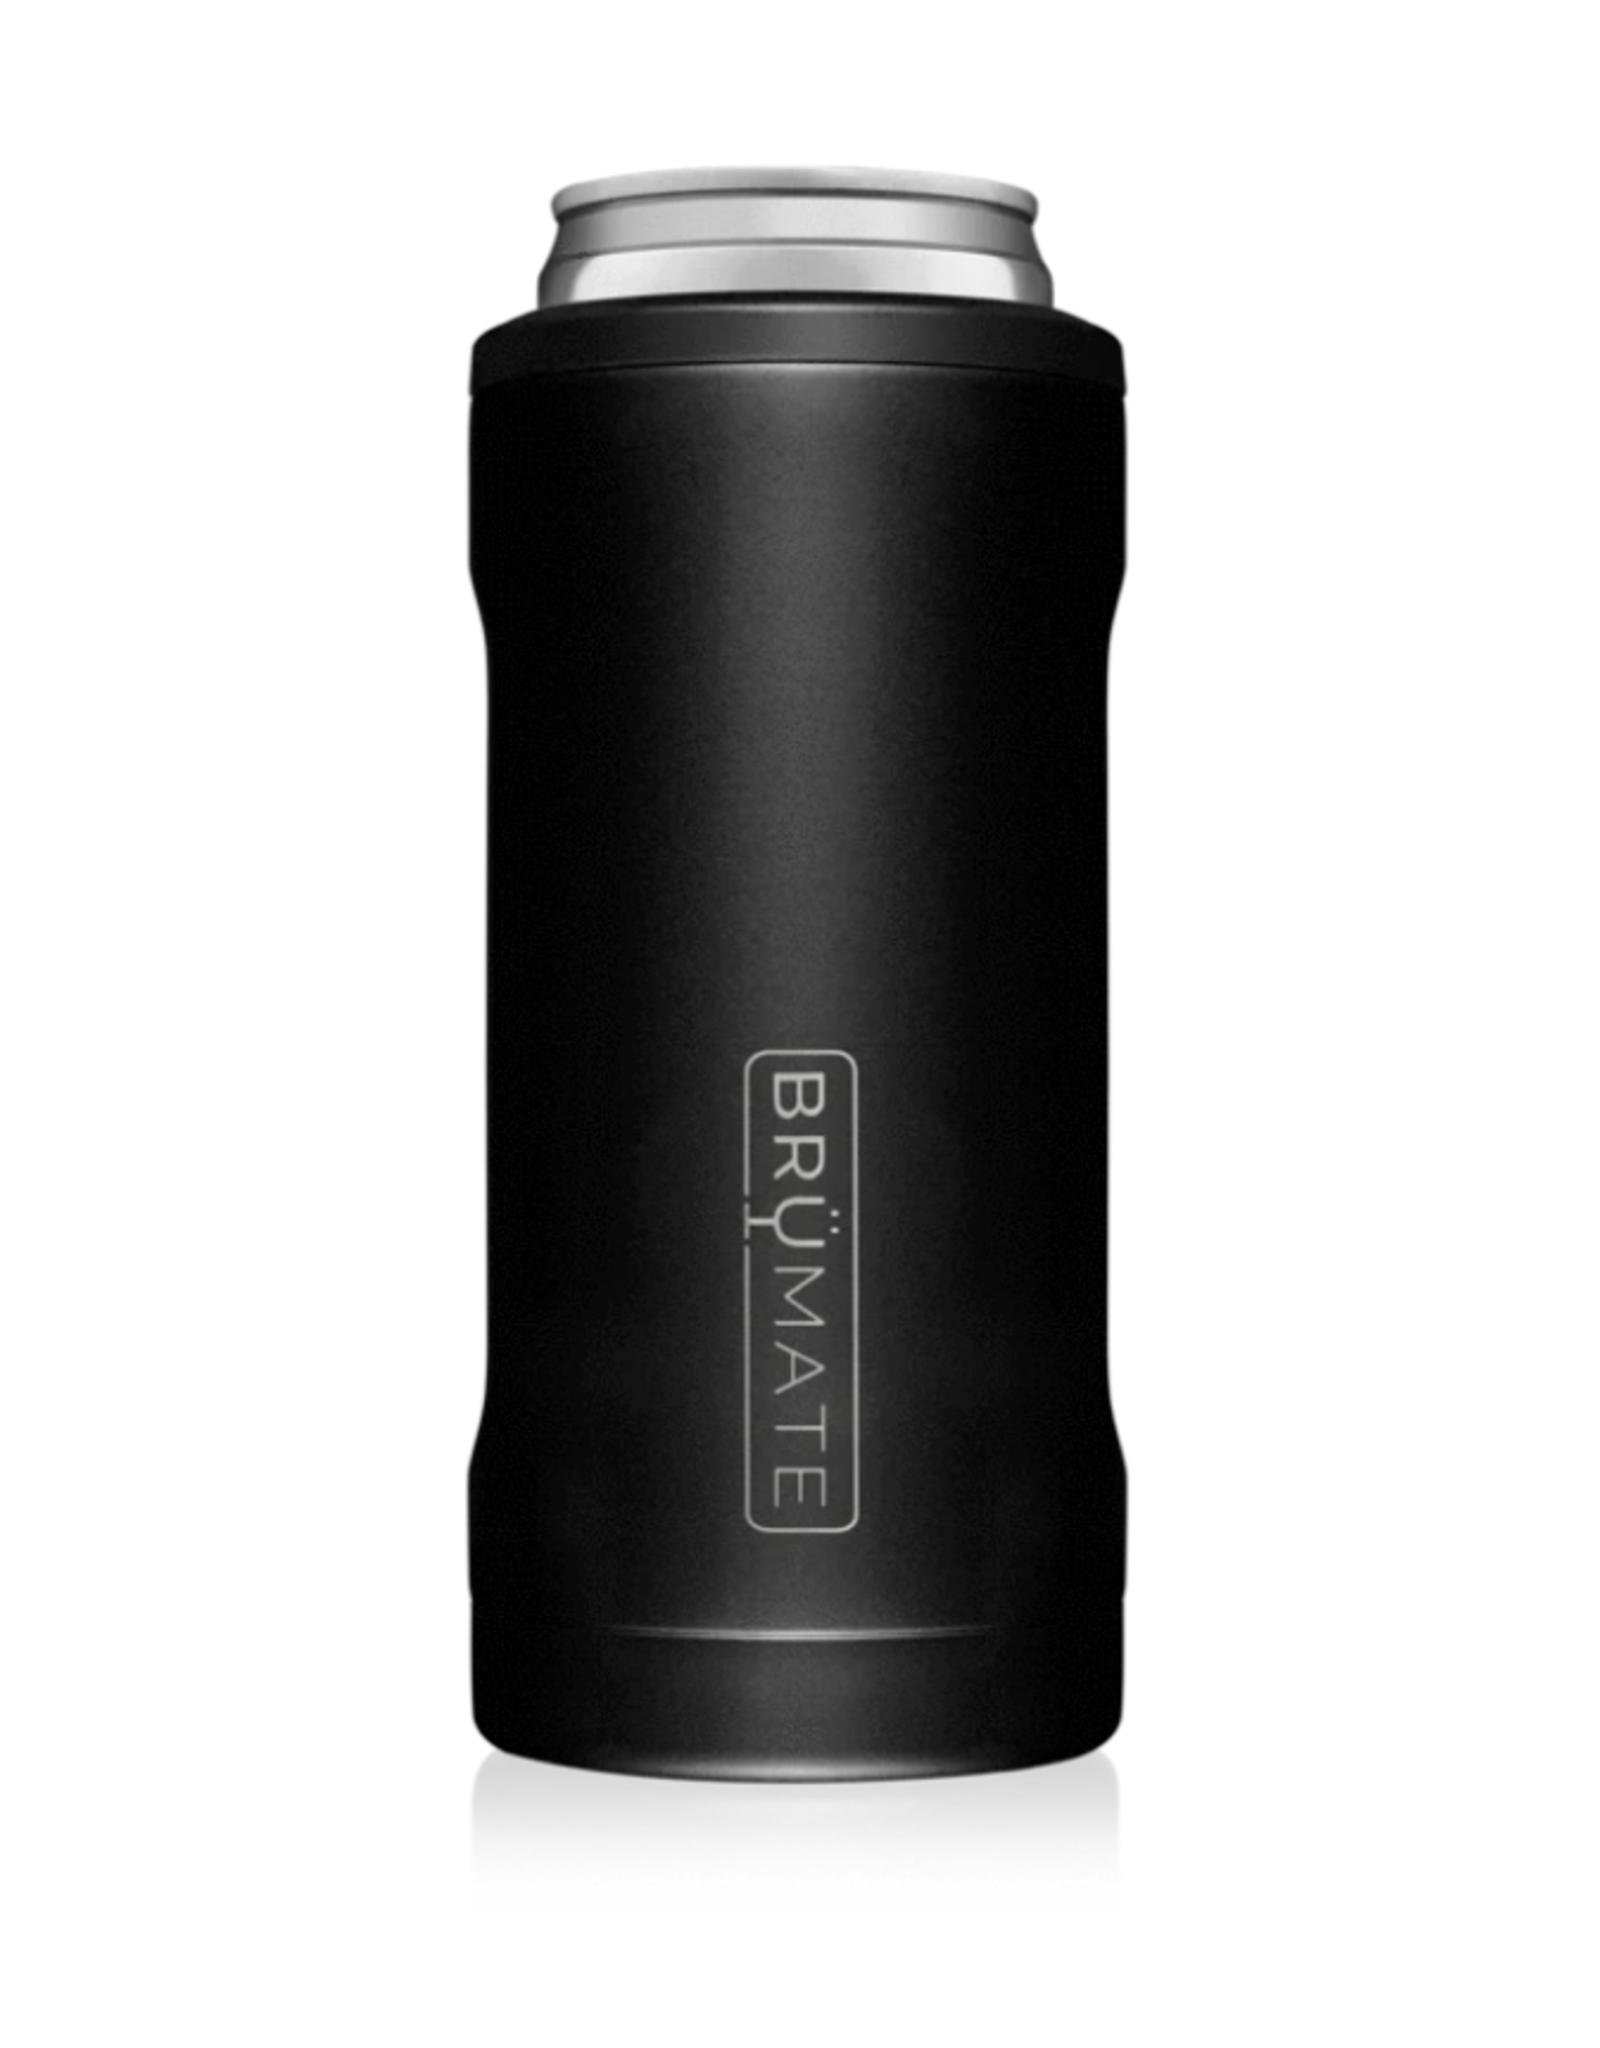 Brumate BruMate - Hopsulator Slim - Matte Black